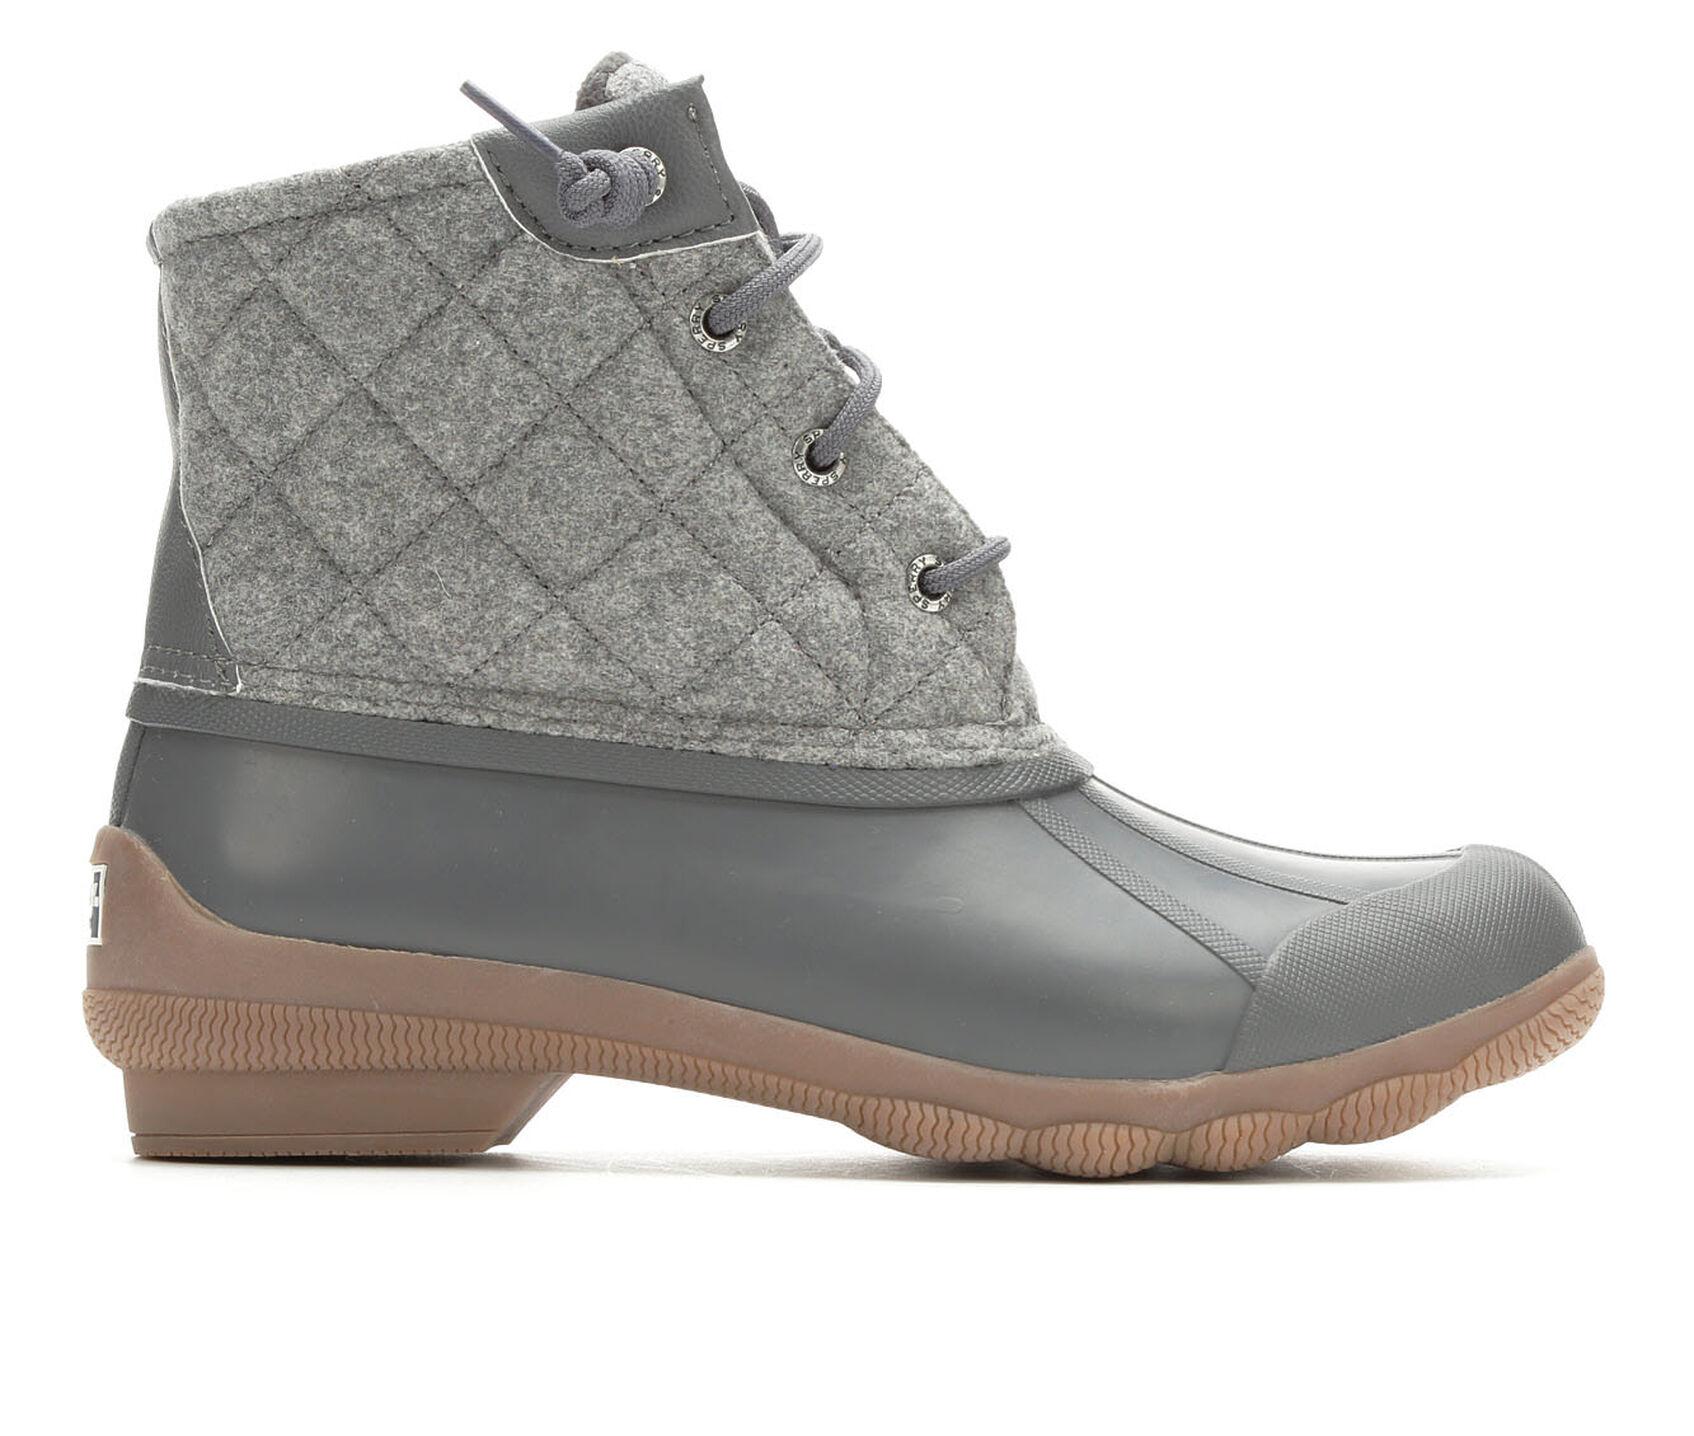 171a1538f26 Women's Sperry Syren Gulf Wool Duck Boots